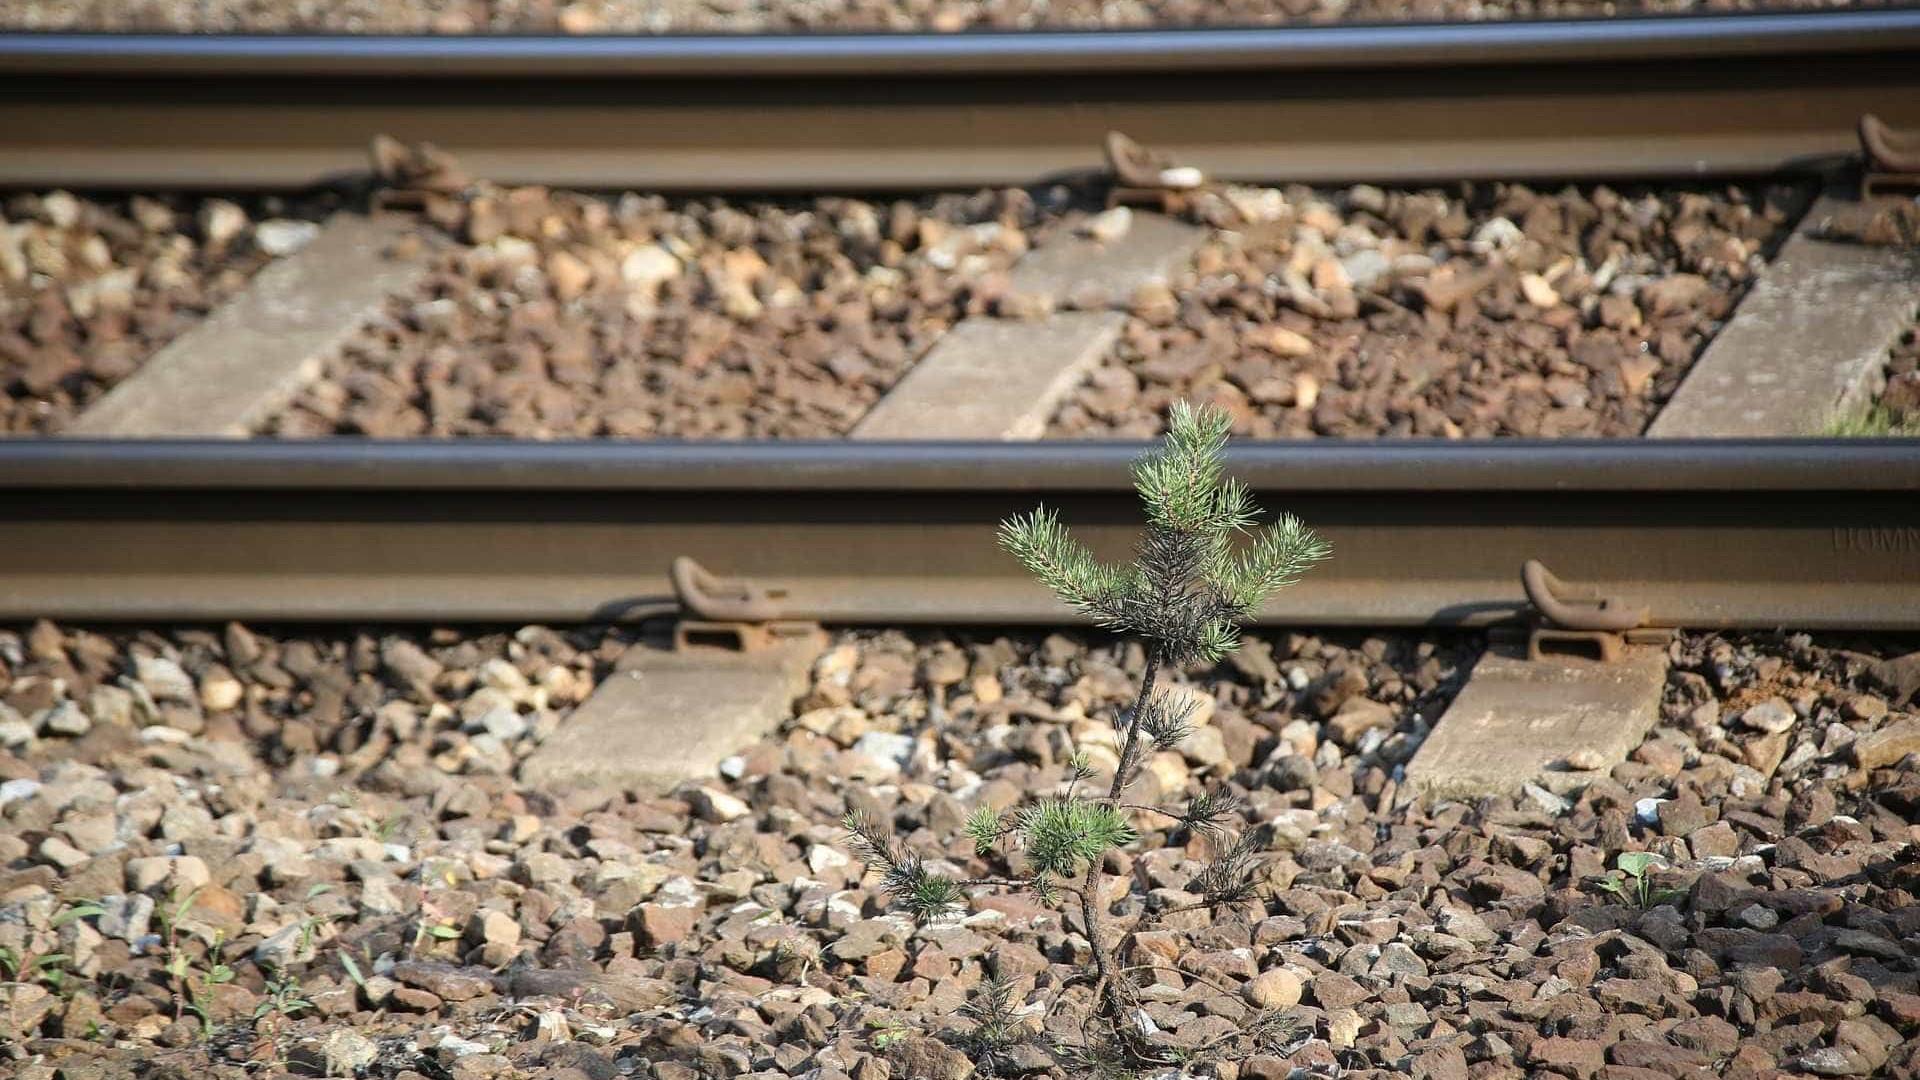 Jovem atropelado mortalmente por comboio perto de Coimbra